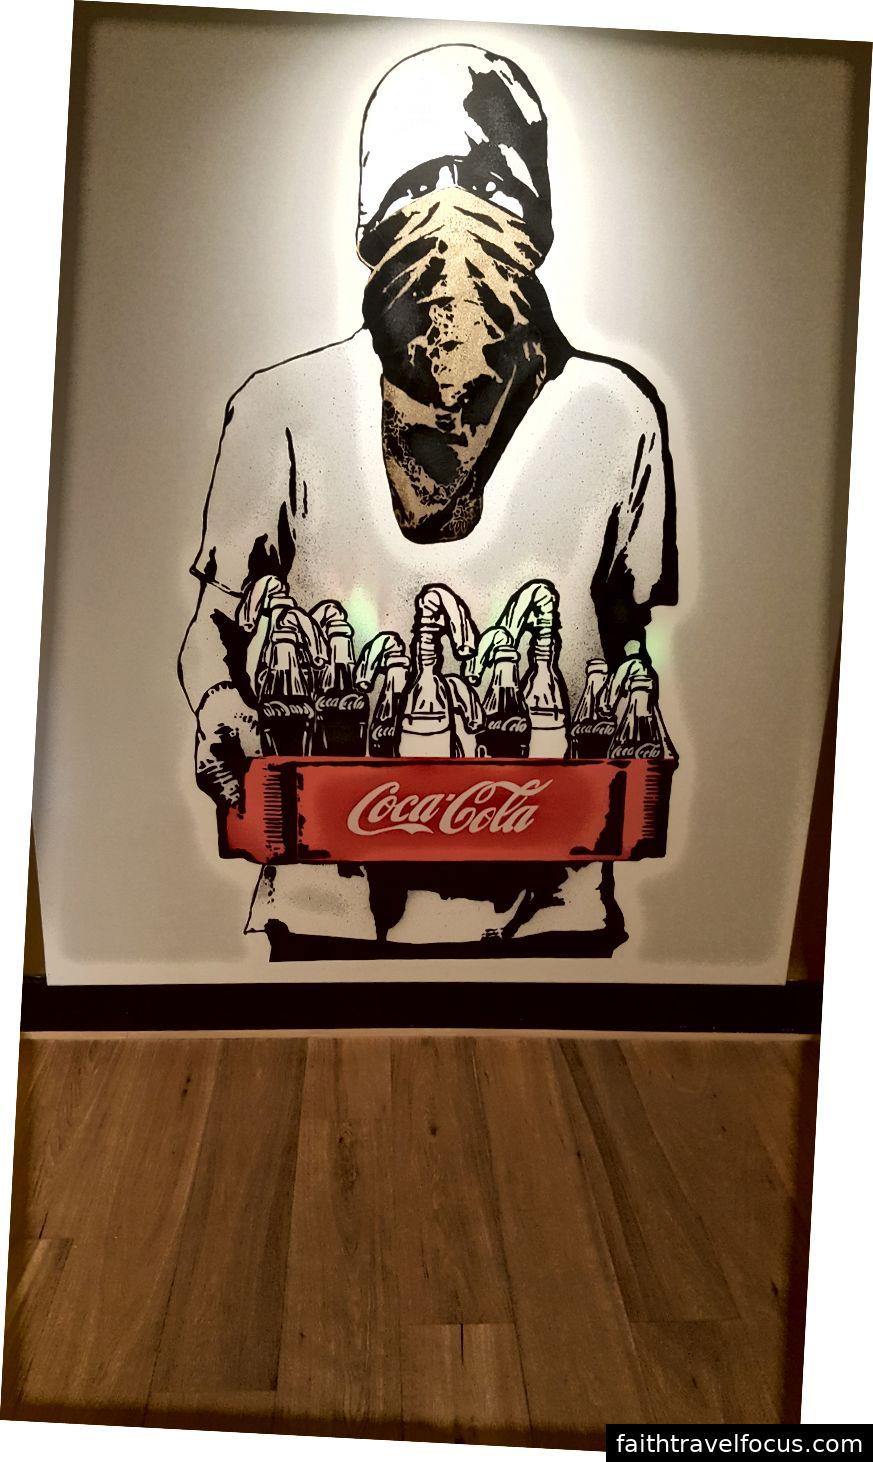 Cuộc cách mạng này mang đến cho bạn bởi Coca Cola - Icy và Sot.